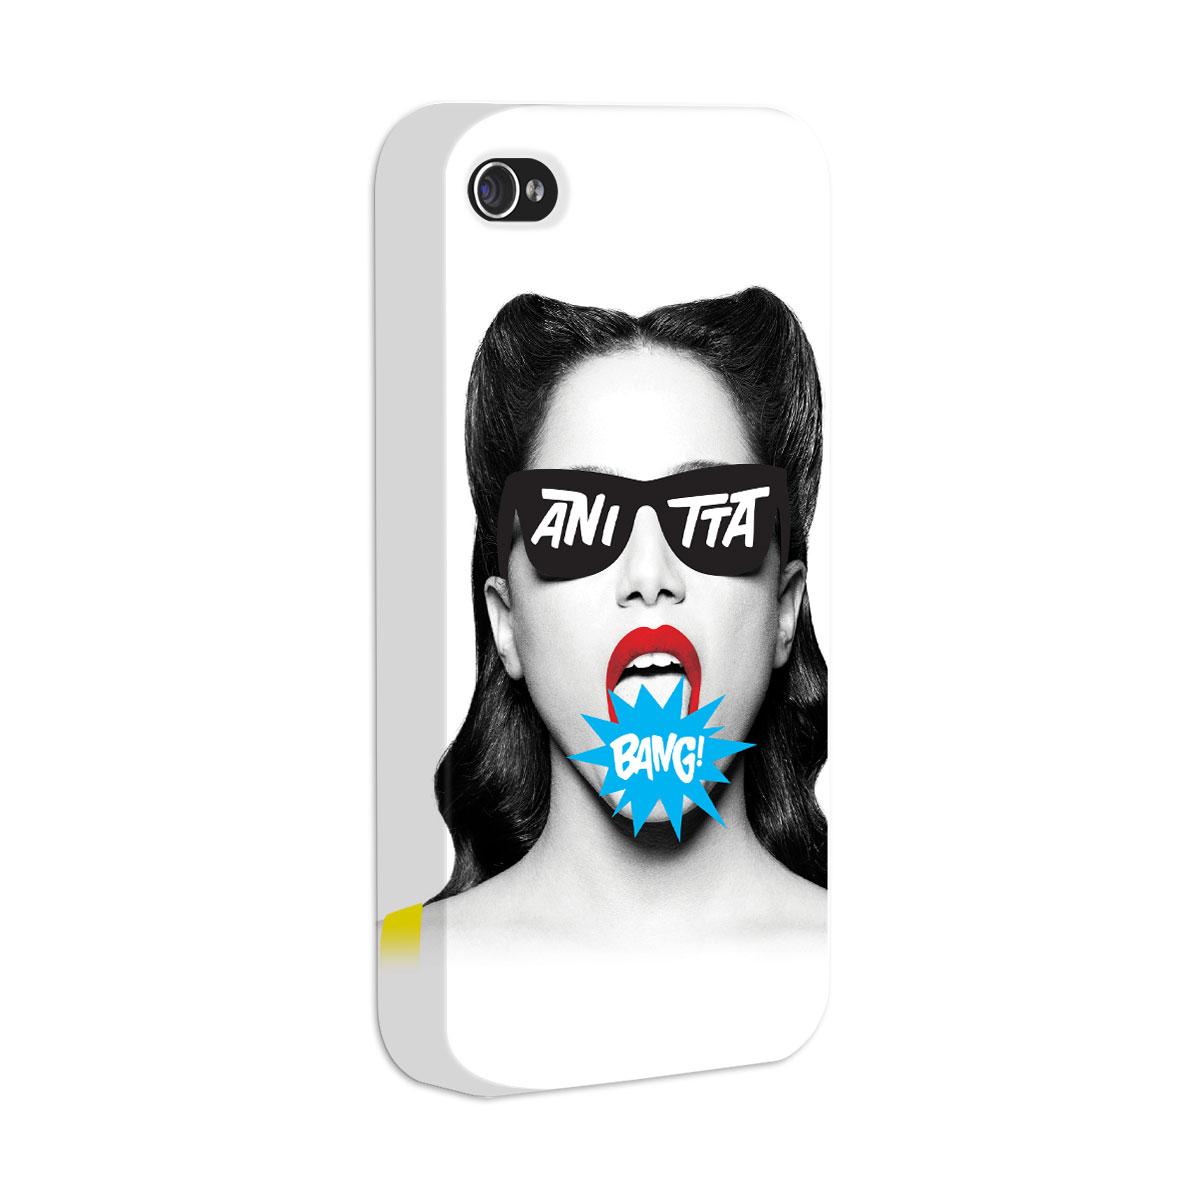 Capa para iPhone 4/4S Anitta Bang!